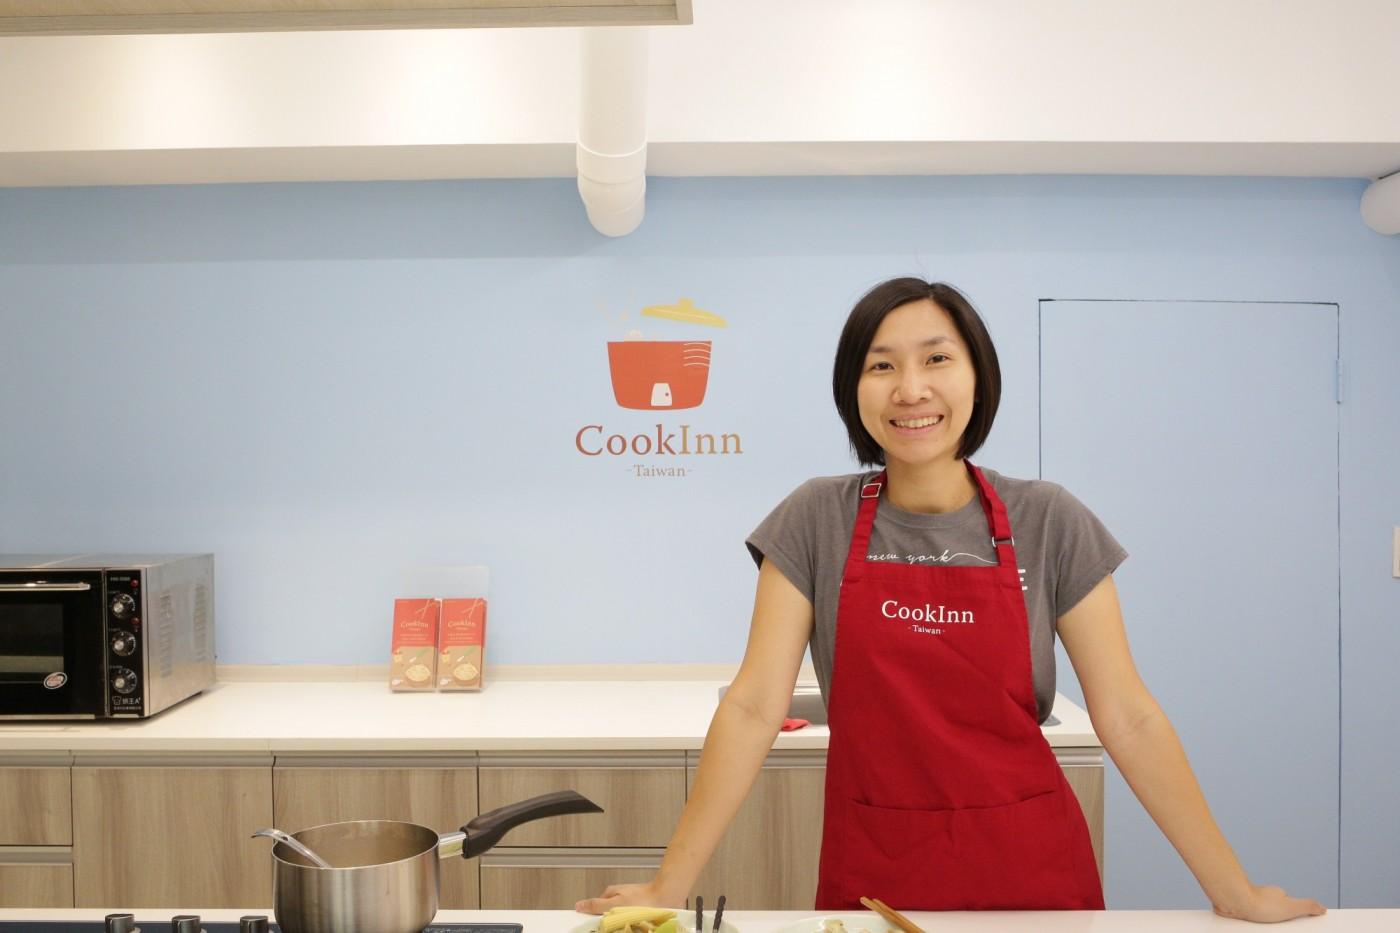 逛市場、動手做菜!CookInn Taiwan要讓外國旅客品嘗更深度的台灣美味